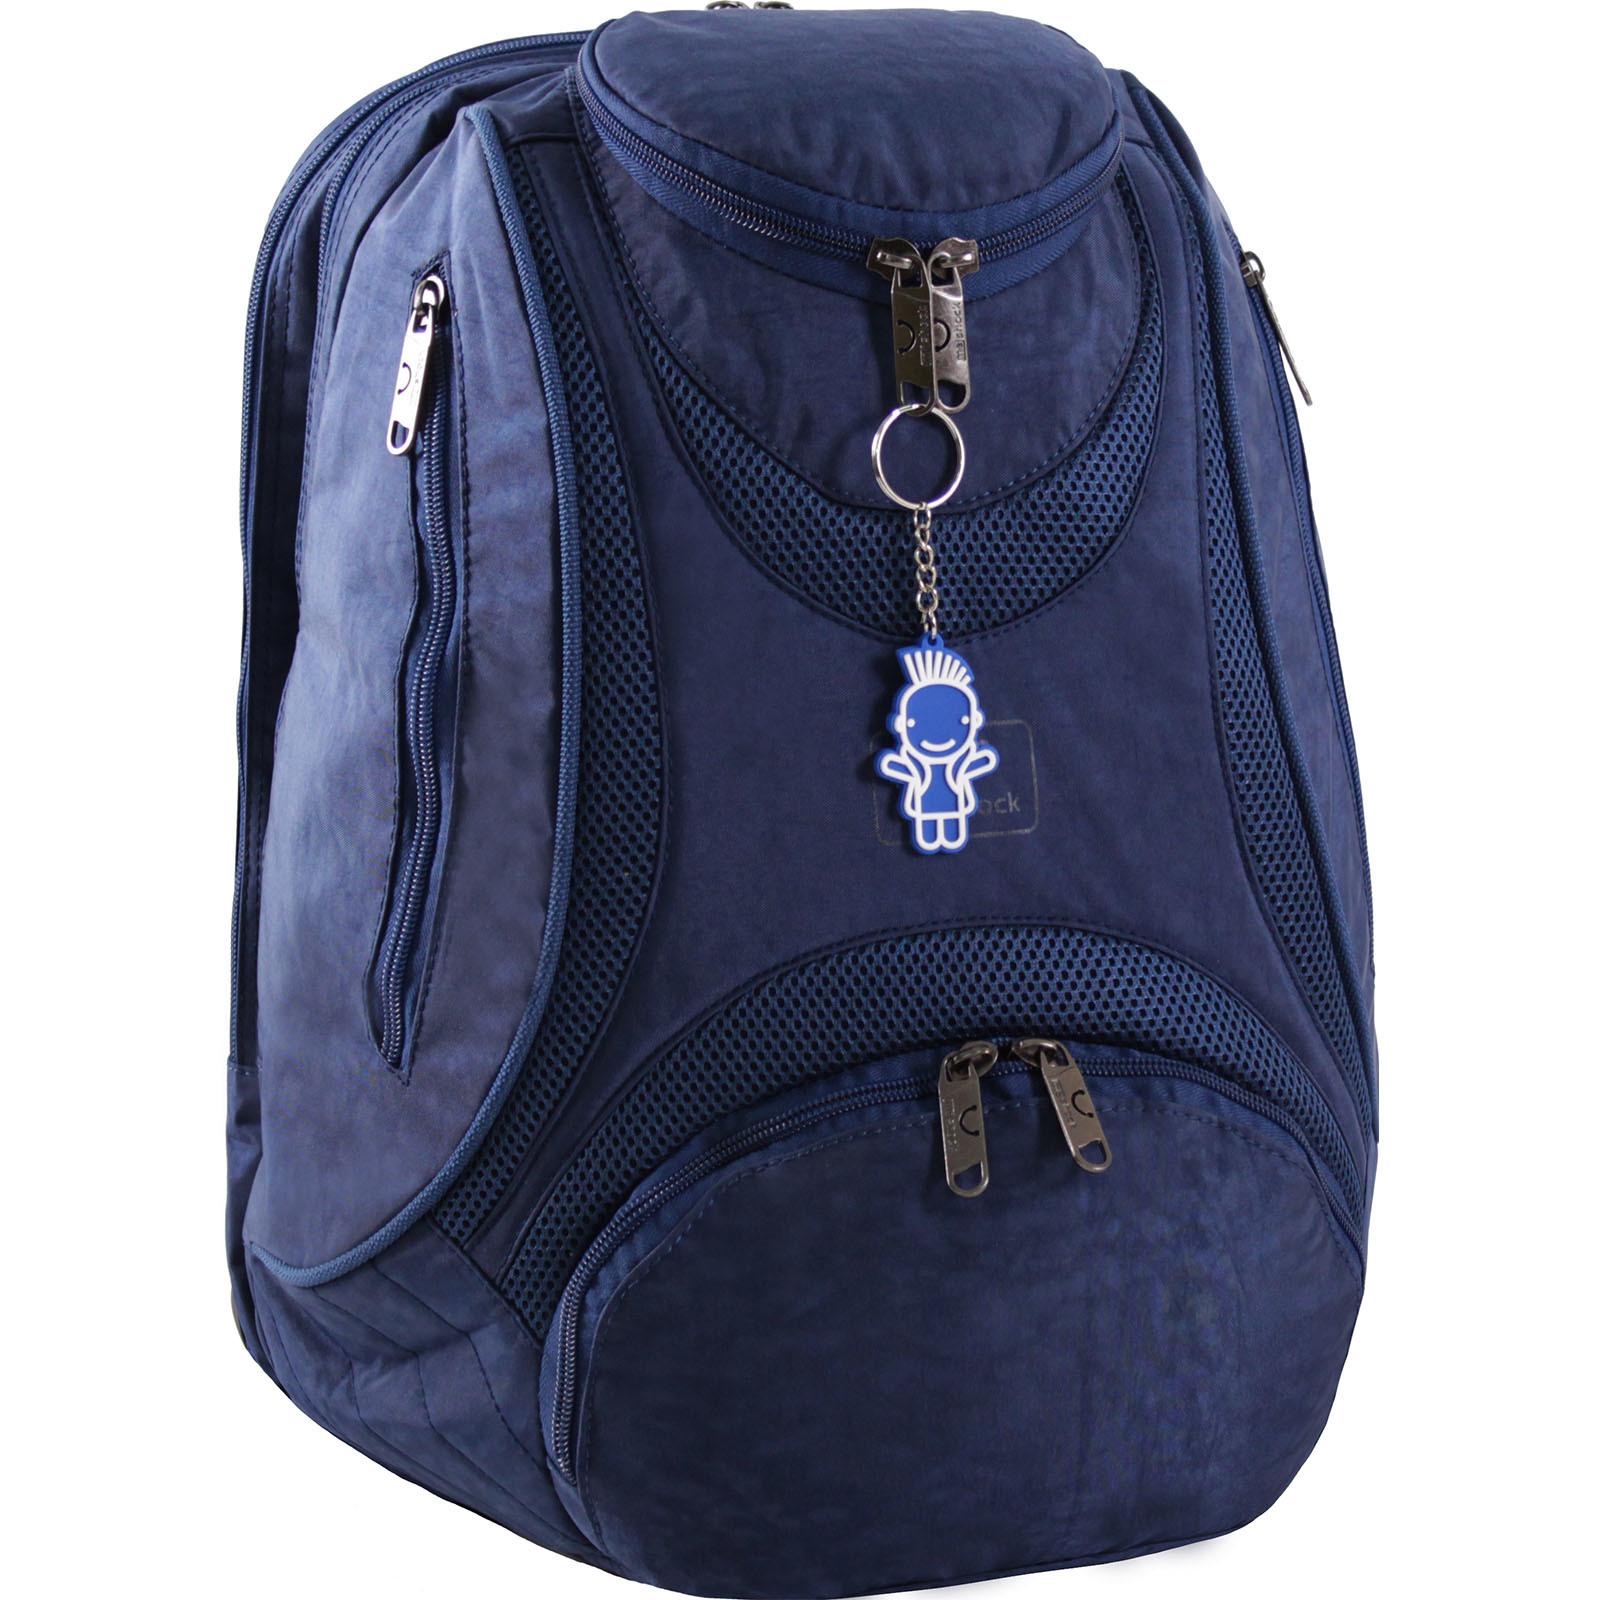 Городские рюкзаки Рюкзак Bagland Объемный 35 л. Синий (0014670) IMG_1312.JPG